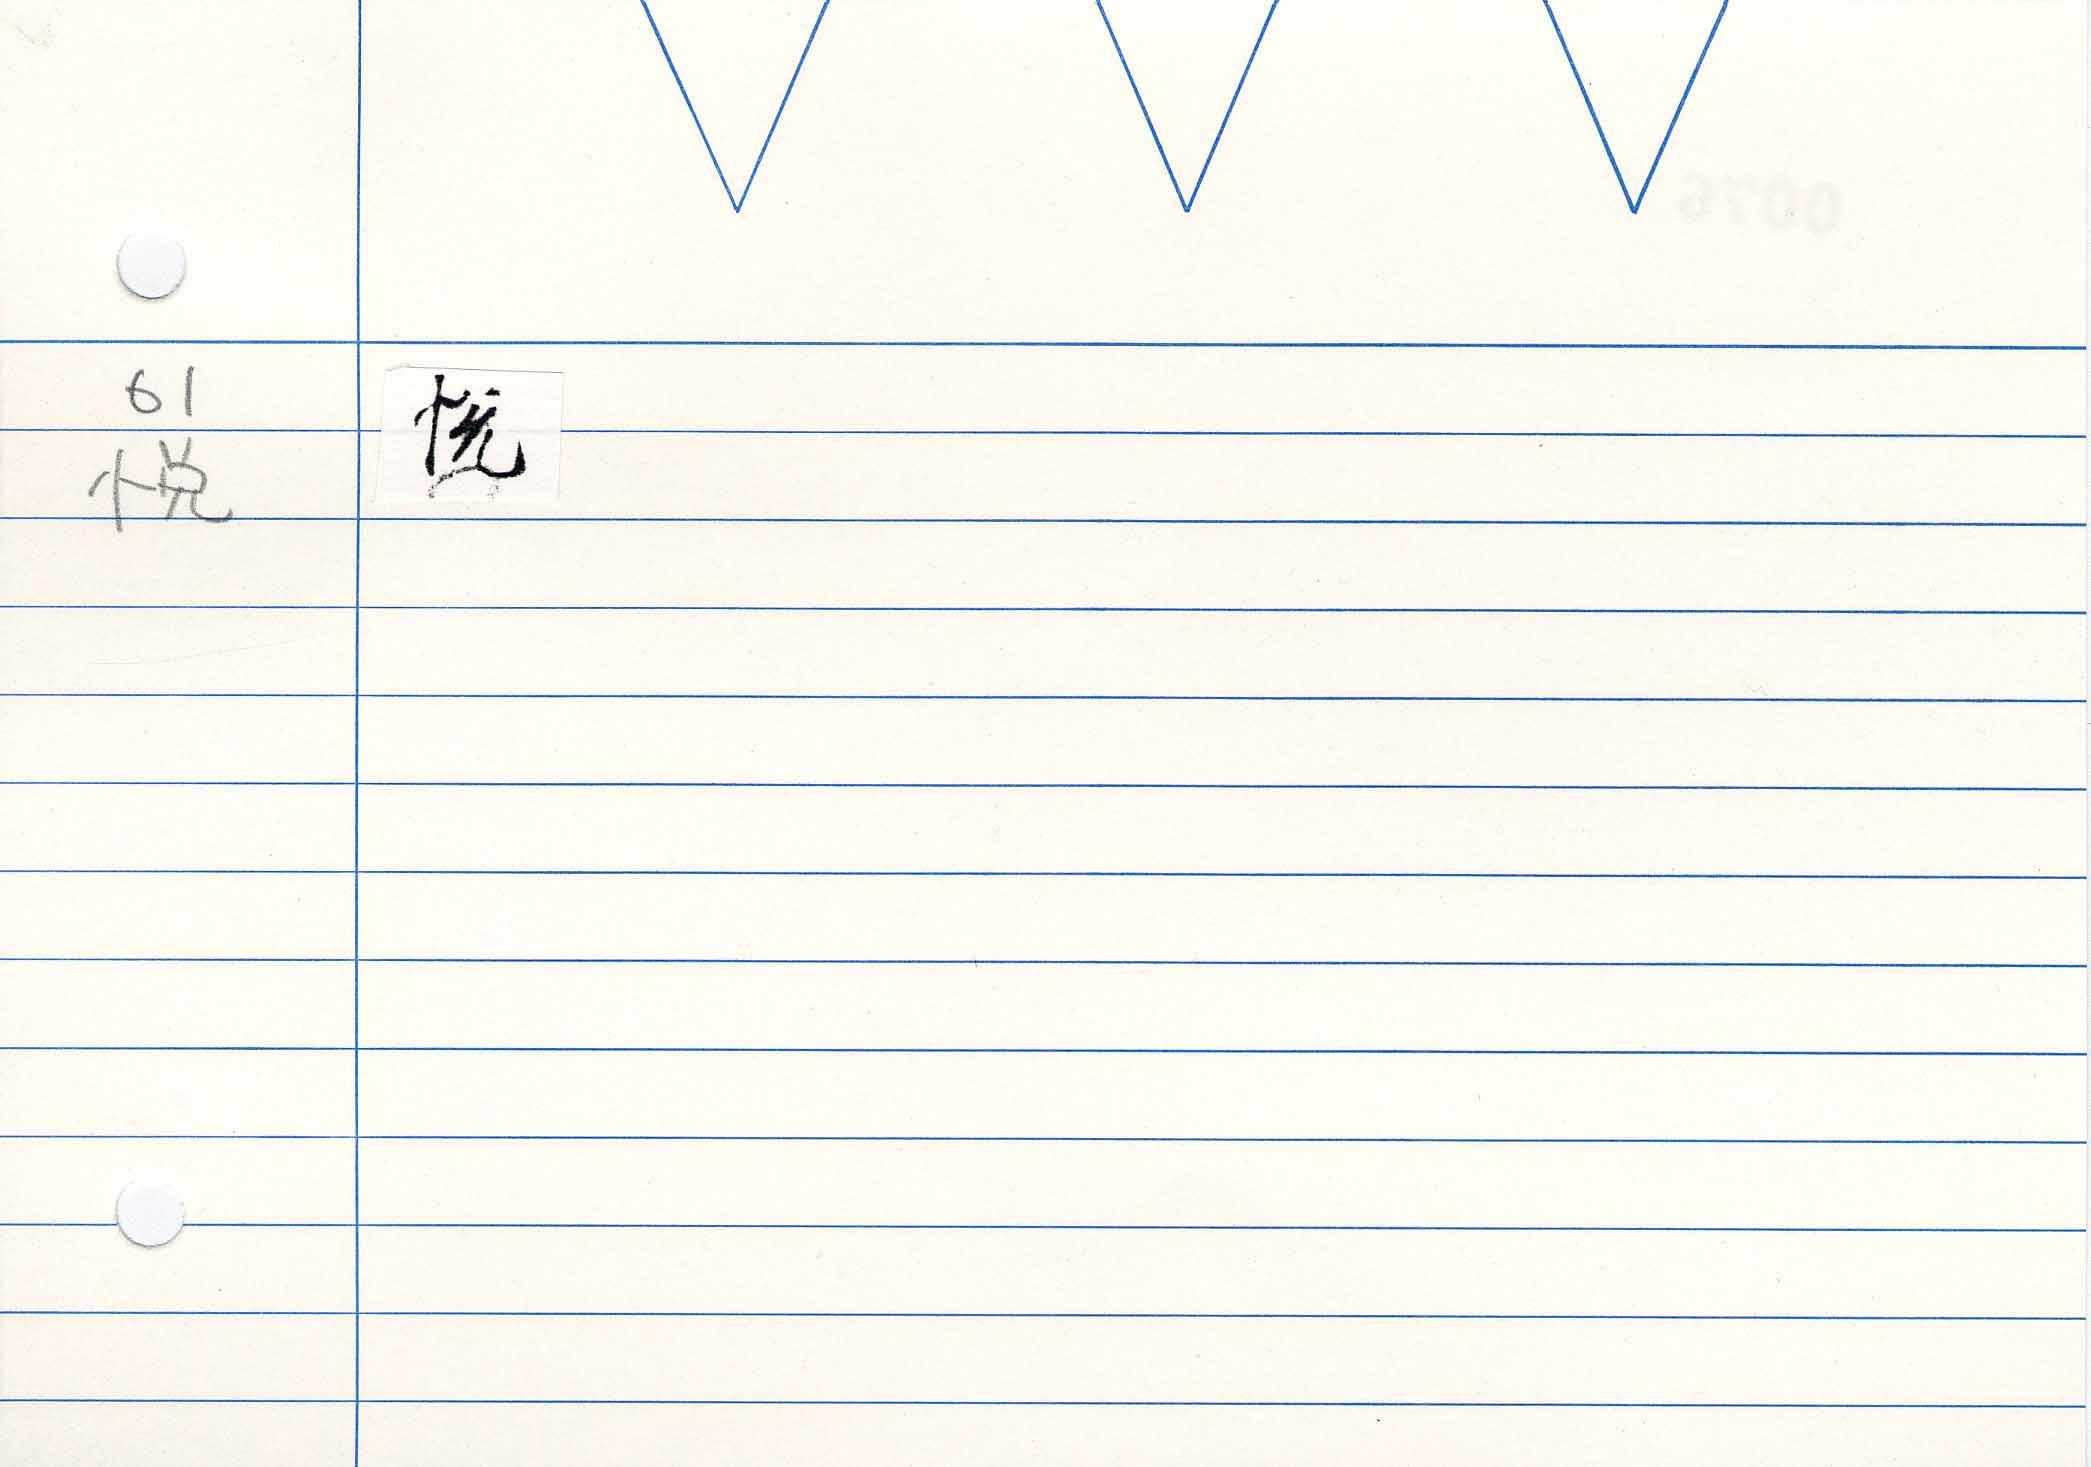 13_妙法蓮華經卷八(S.2577)/cards/0076.jpg